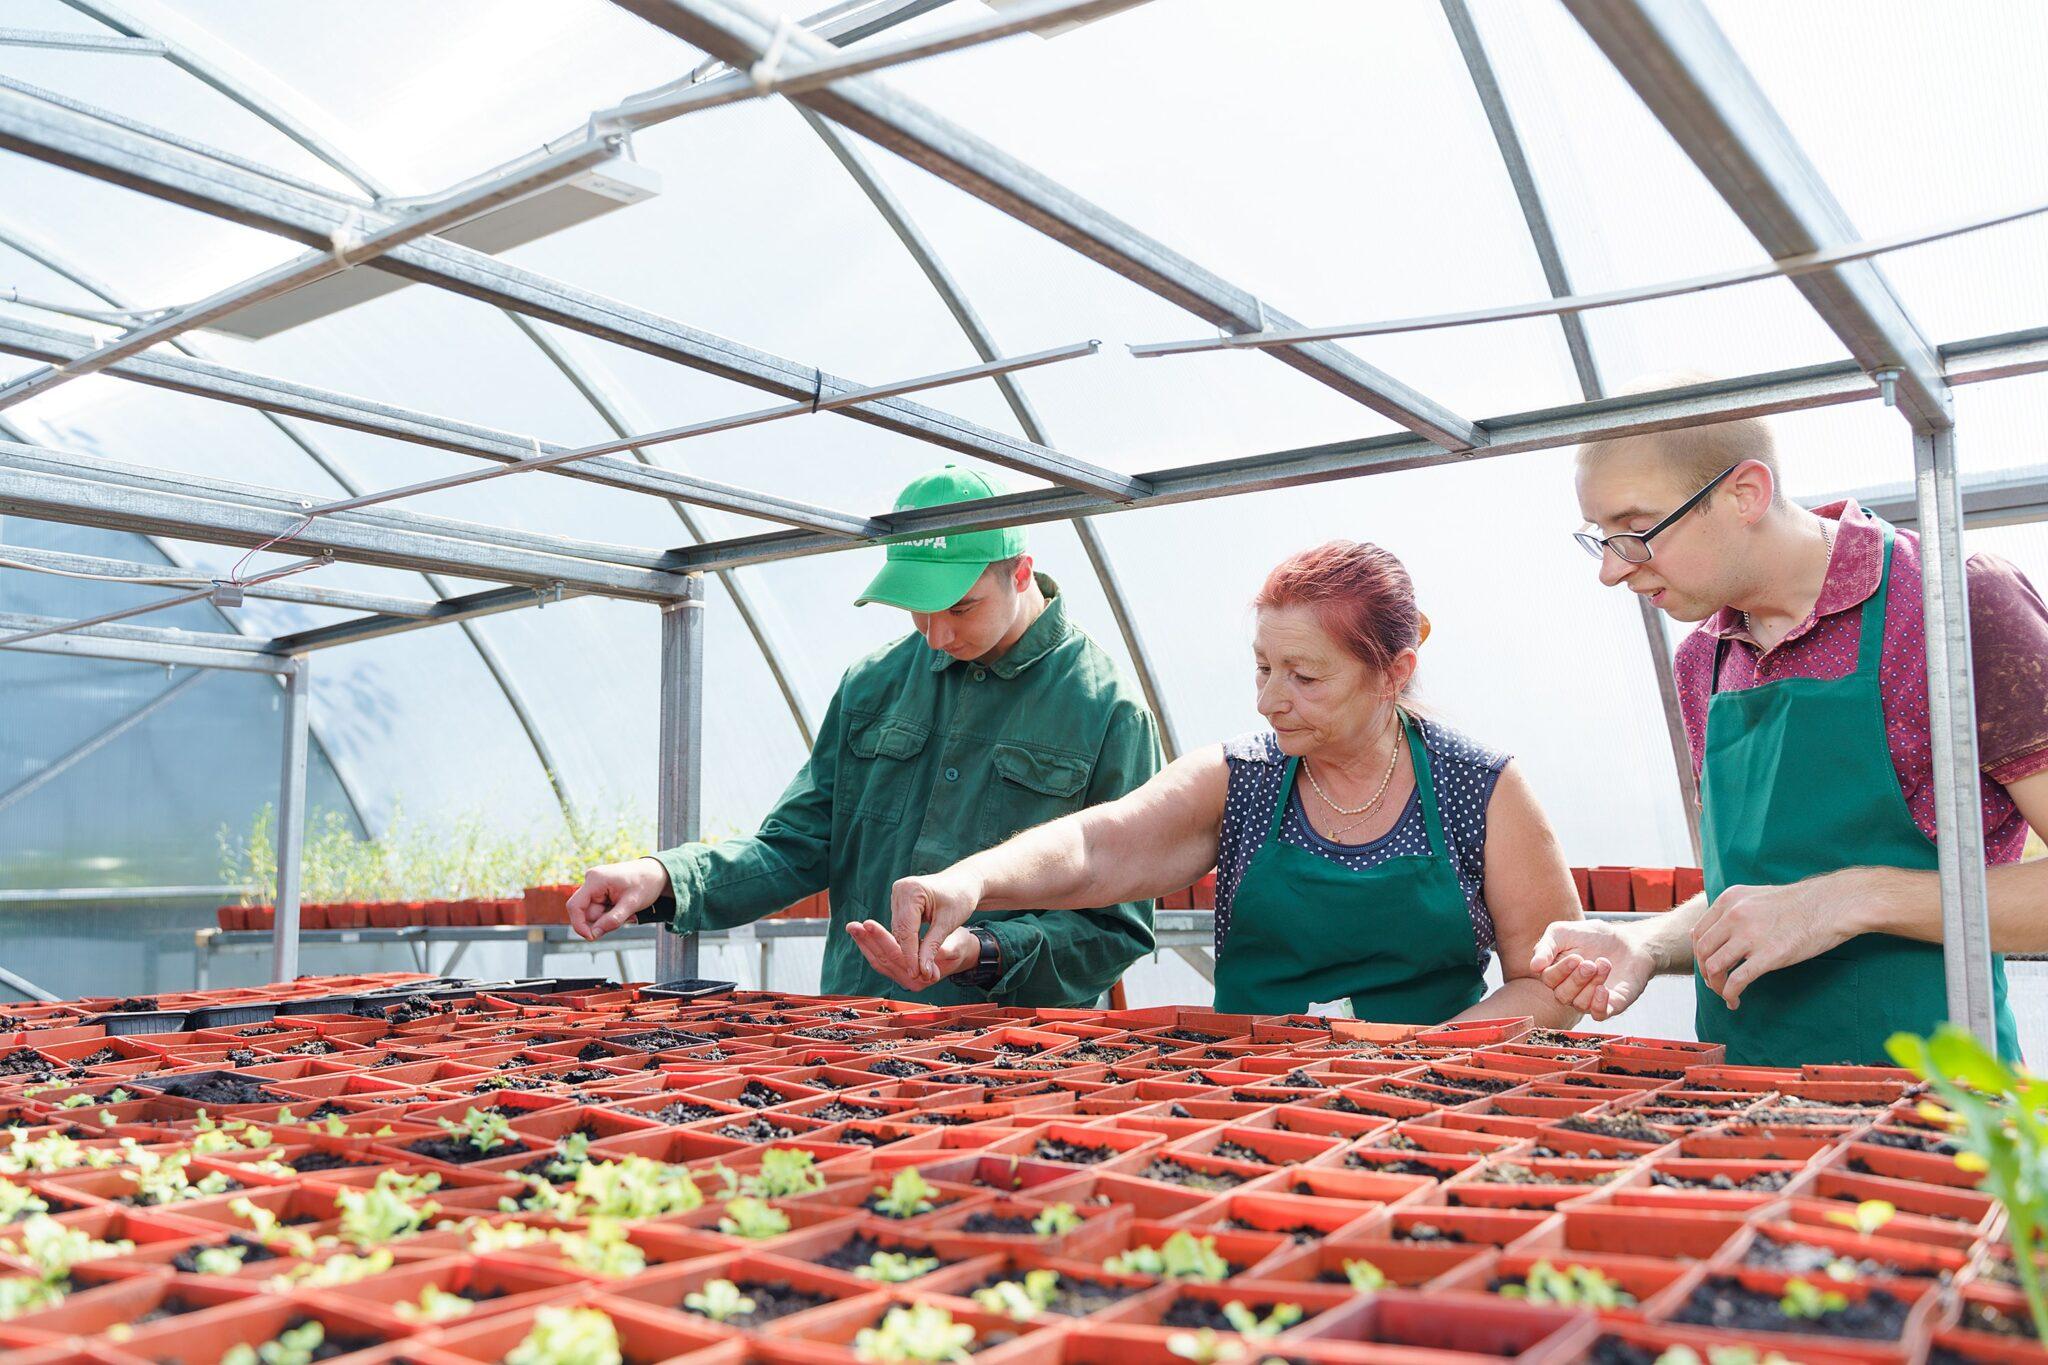 На власні очі: як догляд за овочами та квітами допомогає в соціалізації